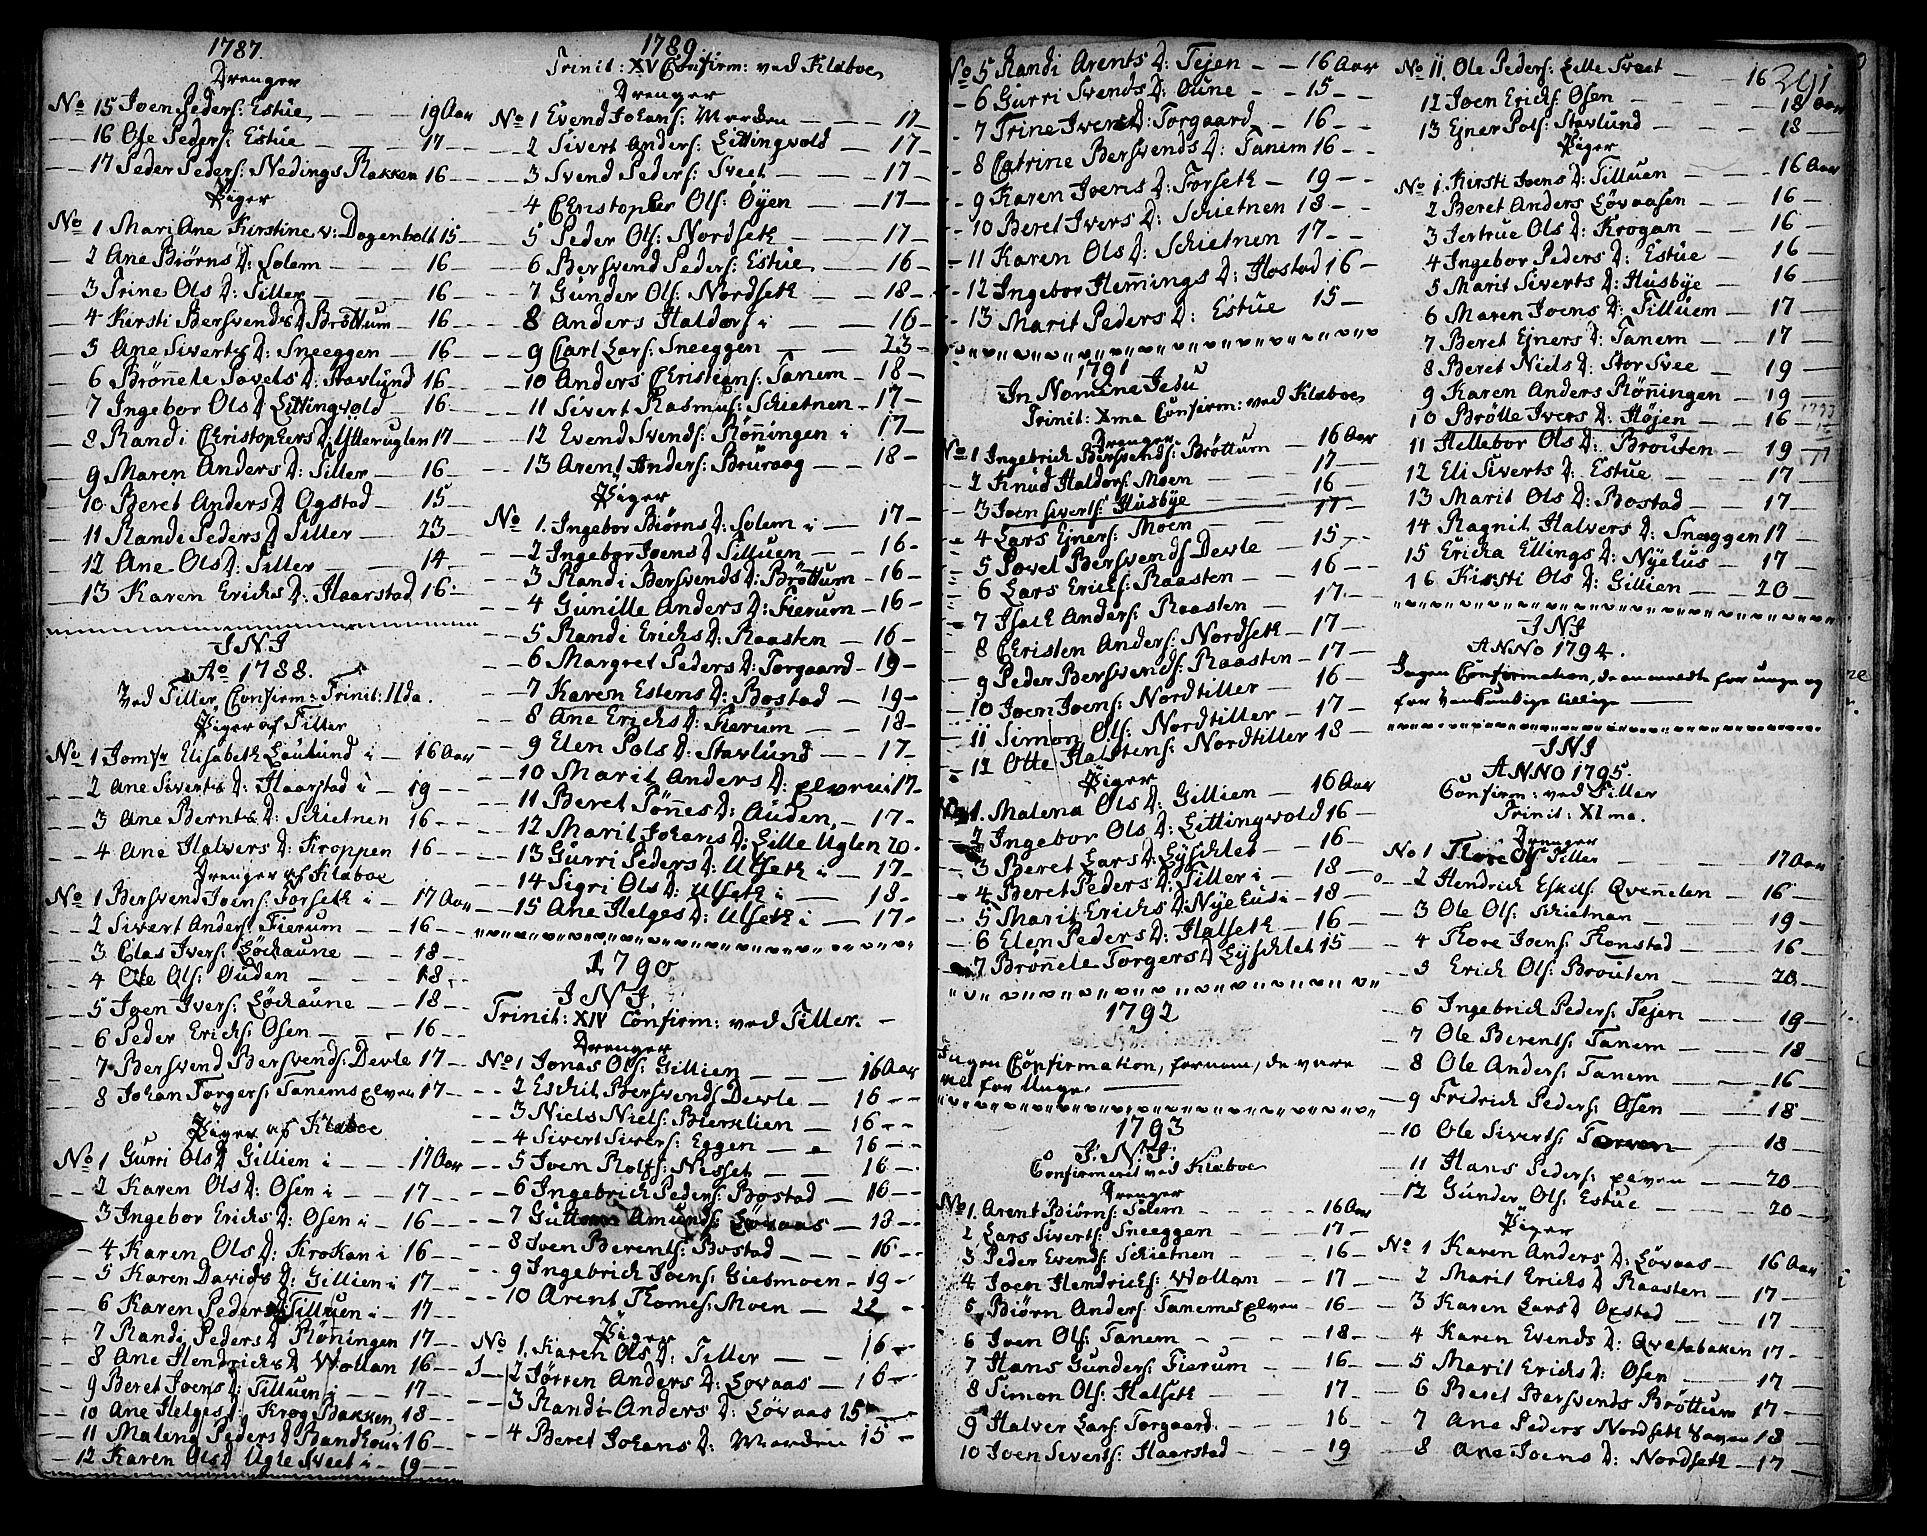 SAT, Ministerialprotokoller, klokkerbøker og fødselsregistre - Sør-Trøndelag, 618/L0438: Ministerialbok nr. 618A03, 1783-1815, s. 291